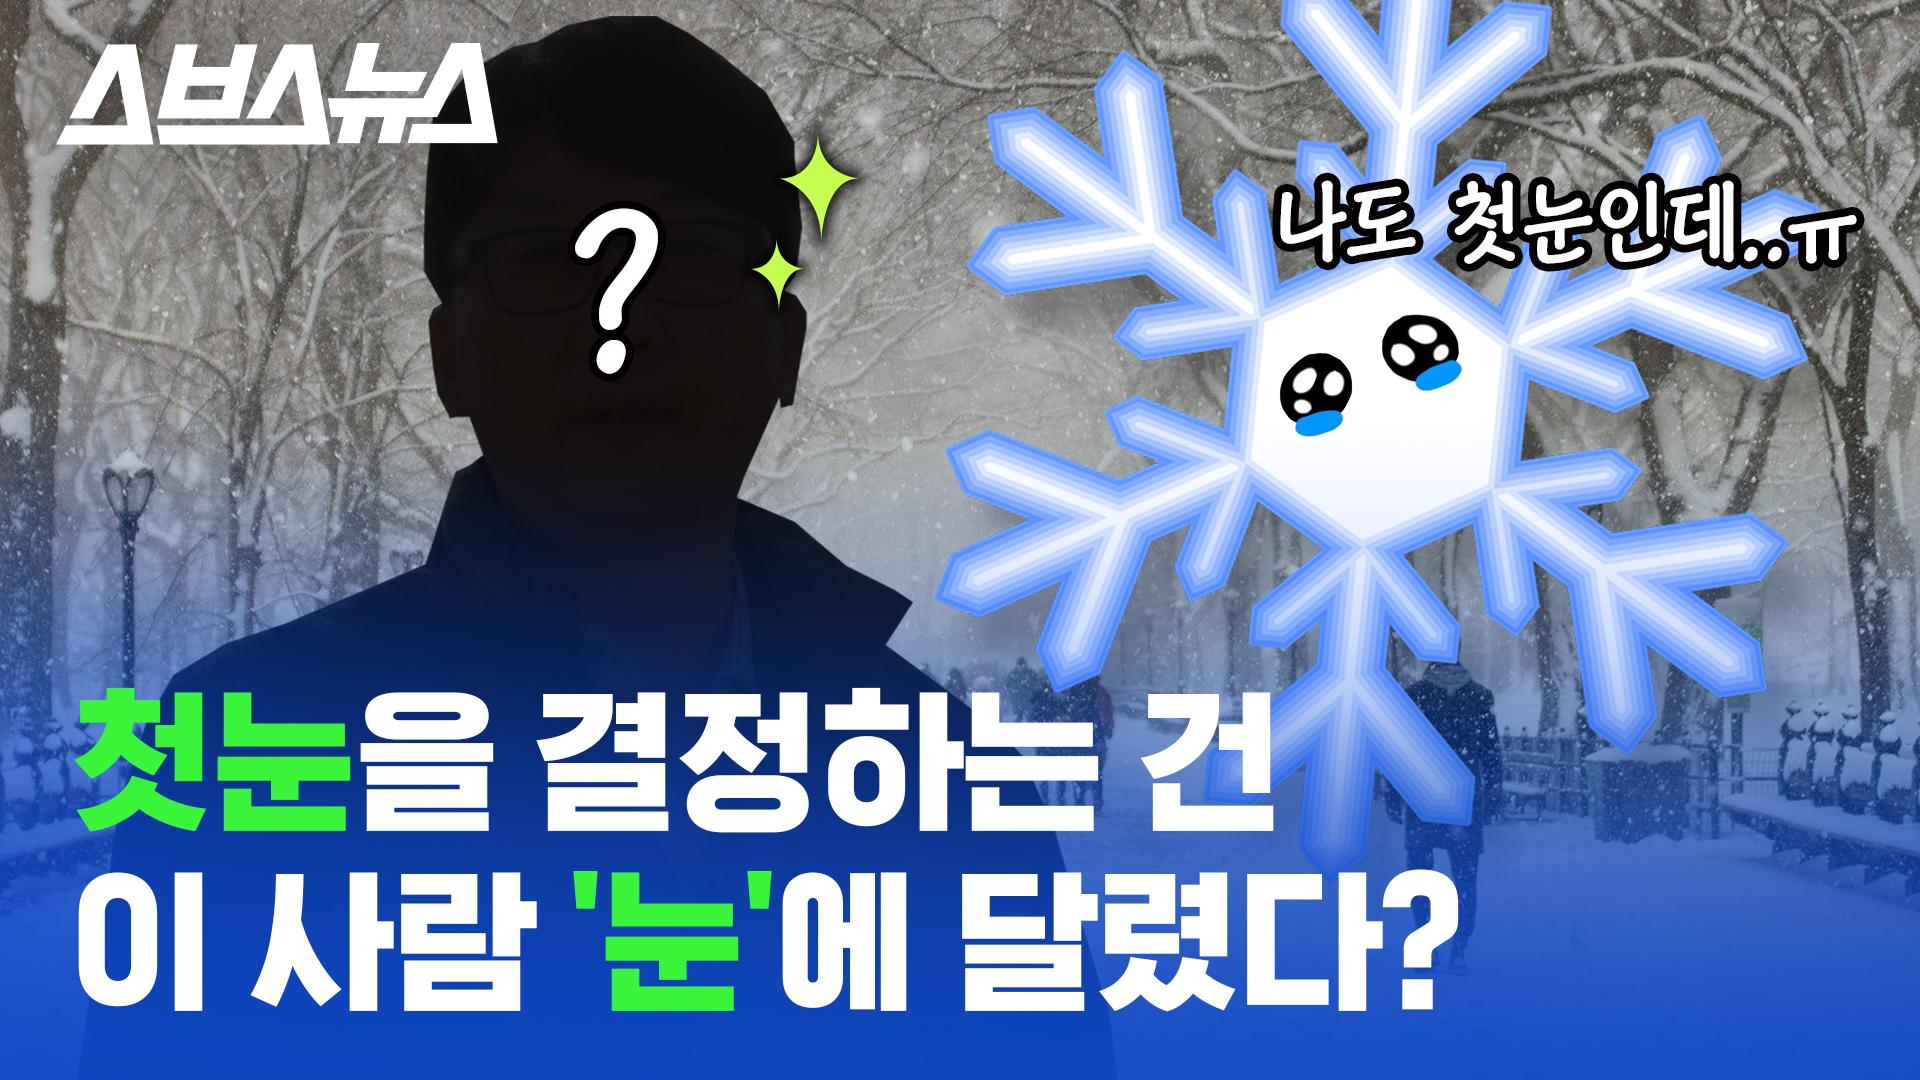 [스브스뉴스] 눈 못 봤는데 첫눈 왔다?…'첫눈'의 기준을 알아봤다